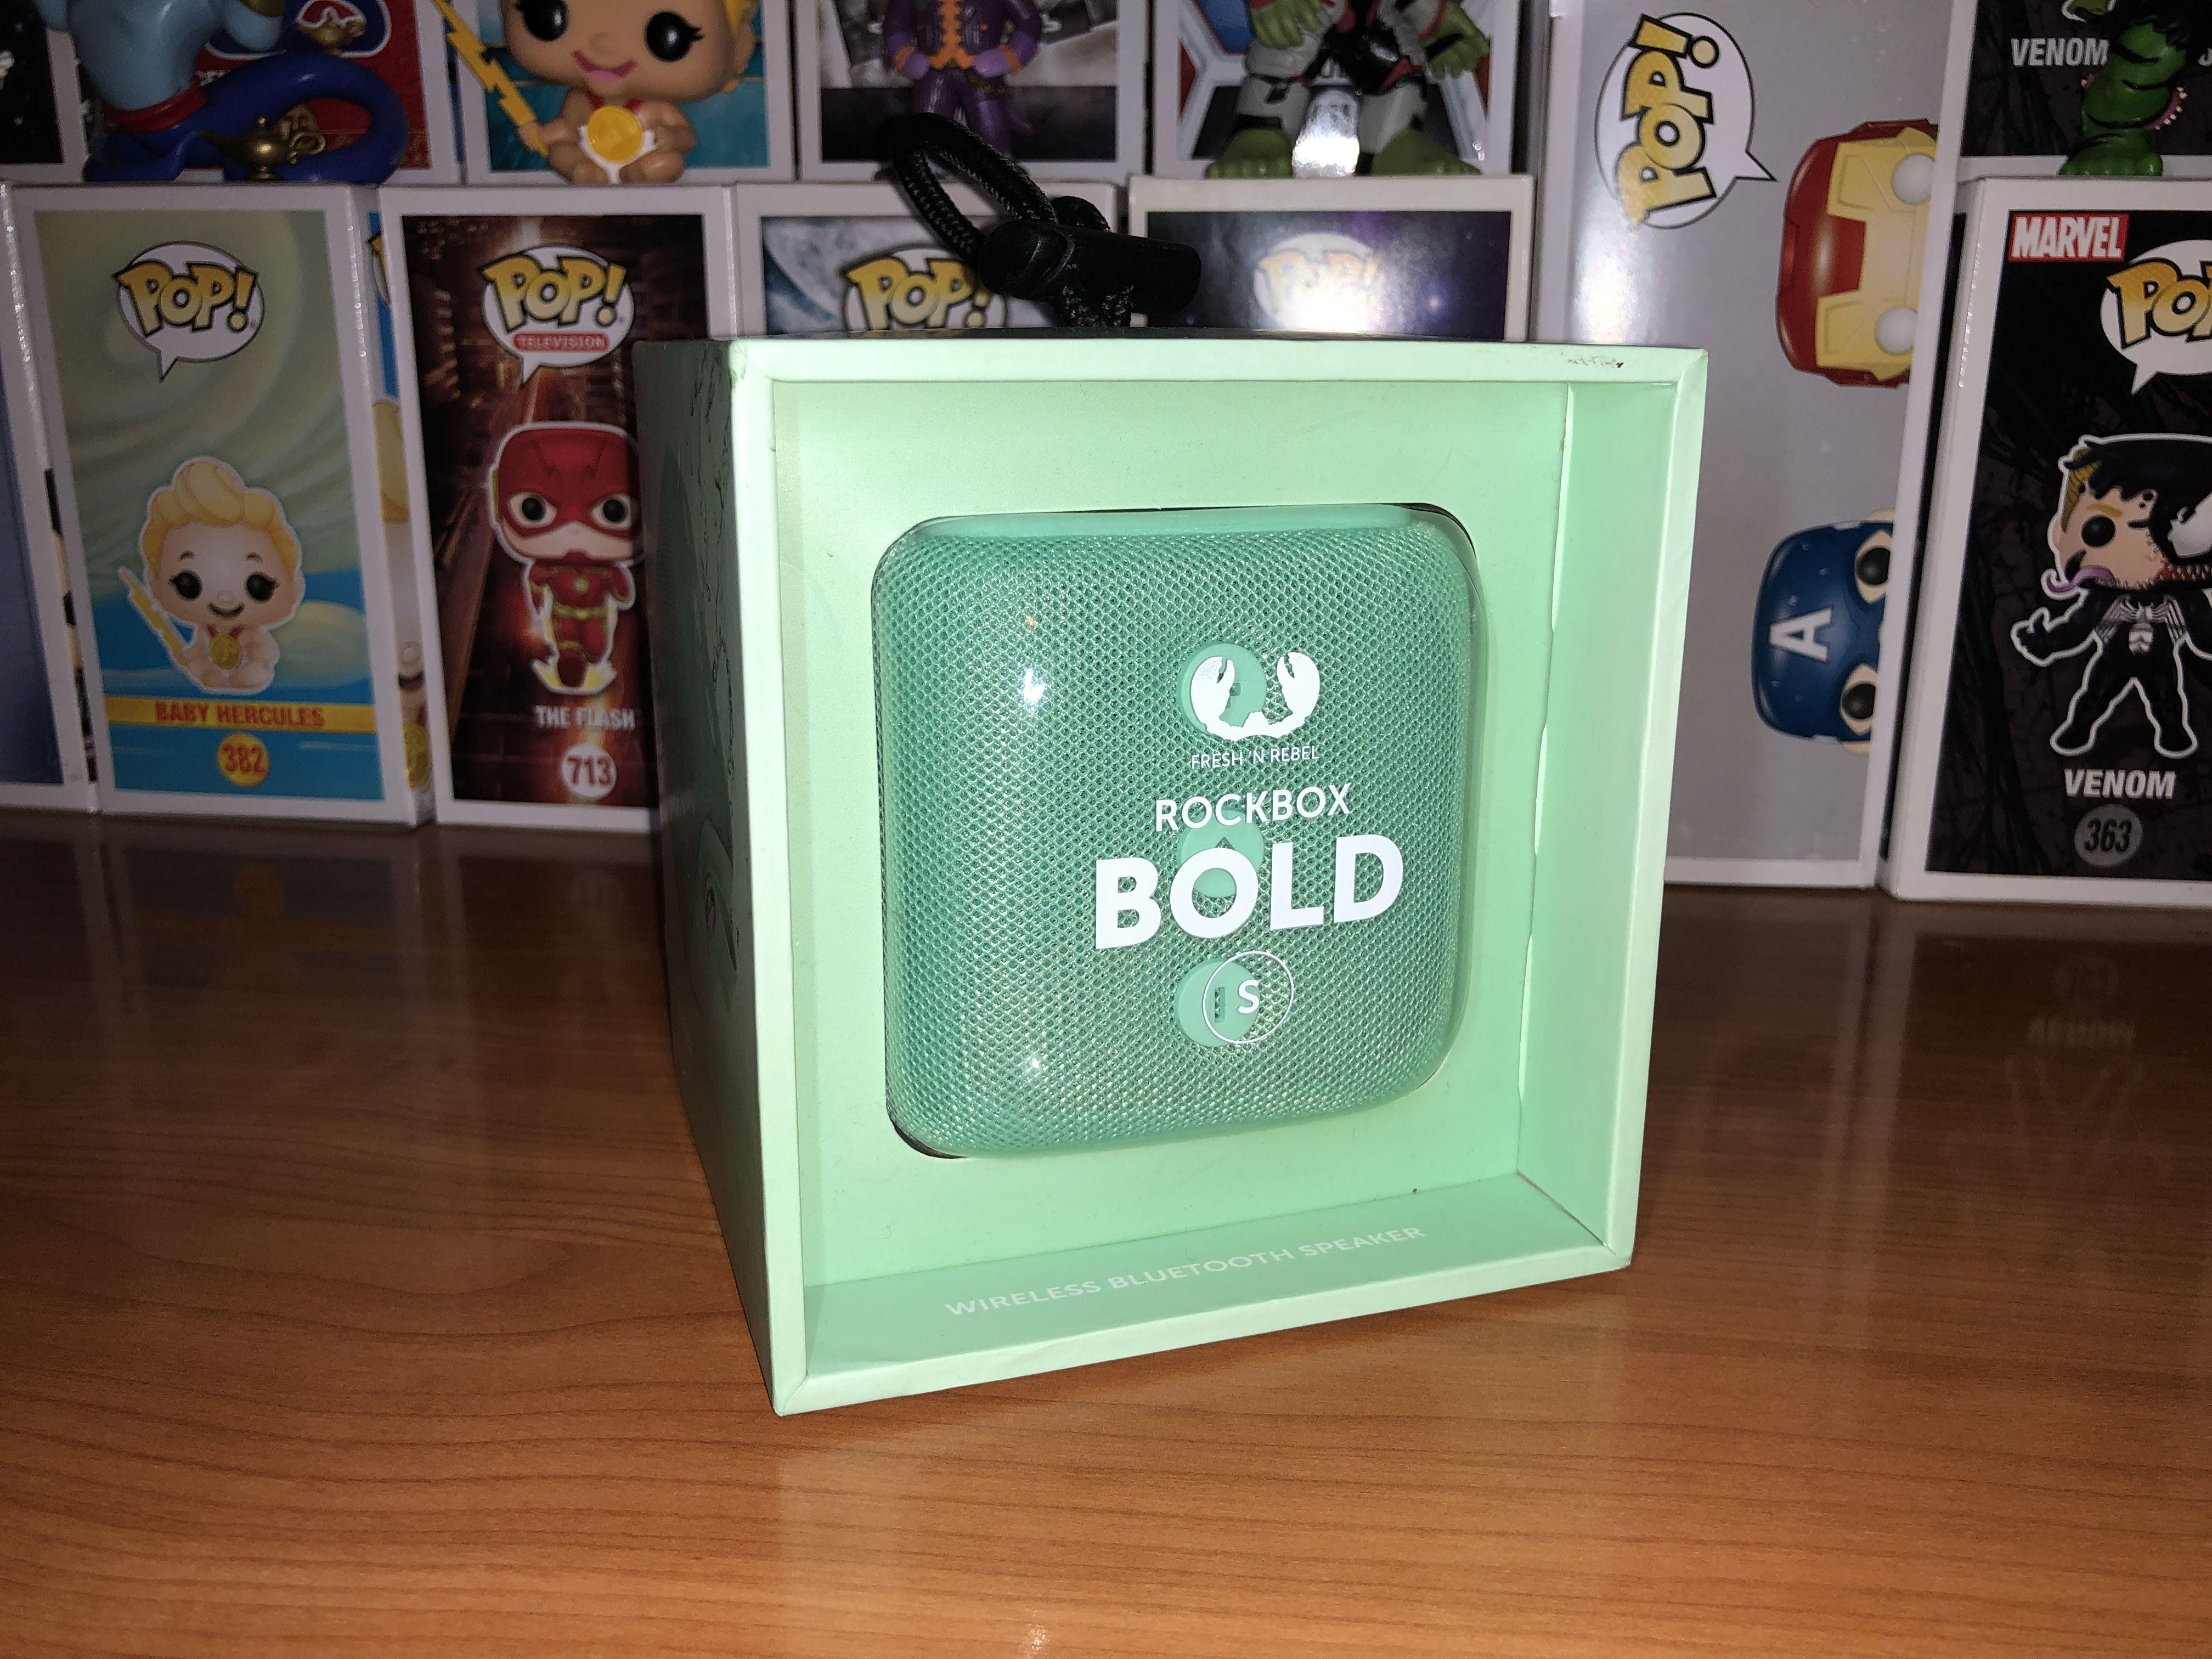 Recensione Rockbox Bold S - Lo Speaker Compatto Di Fresh'N Rebel 3 - Hynerd.it